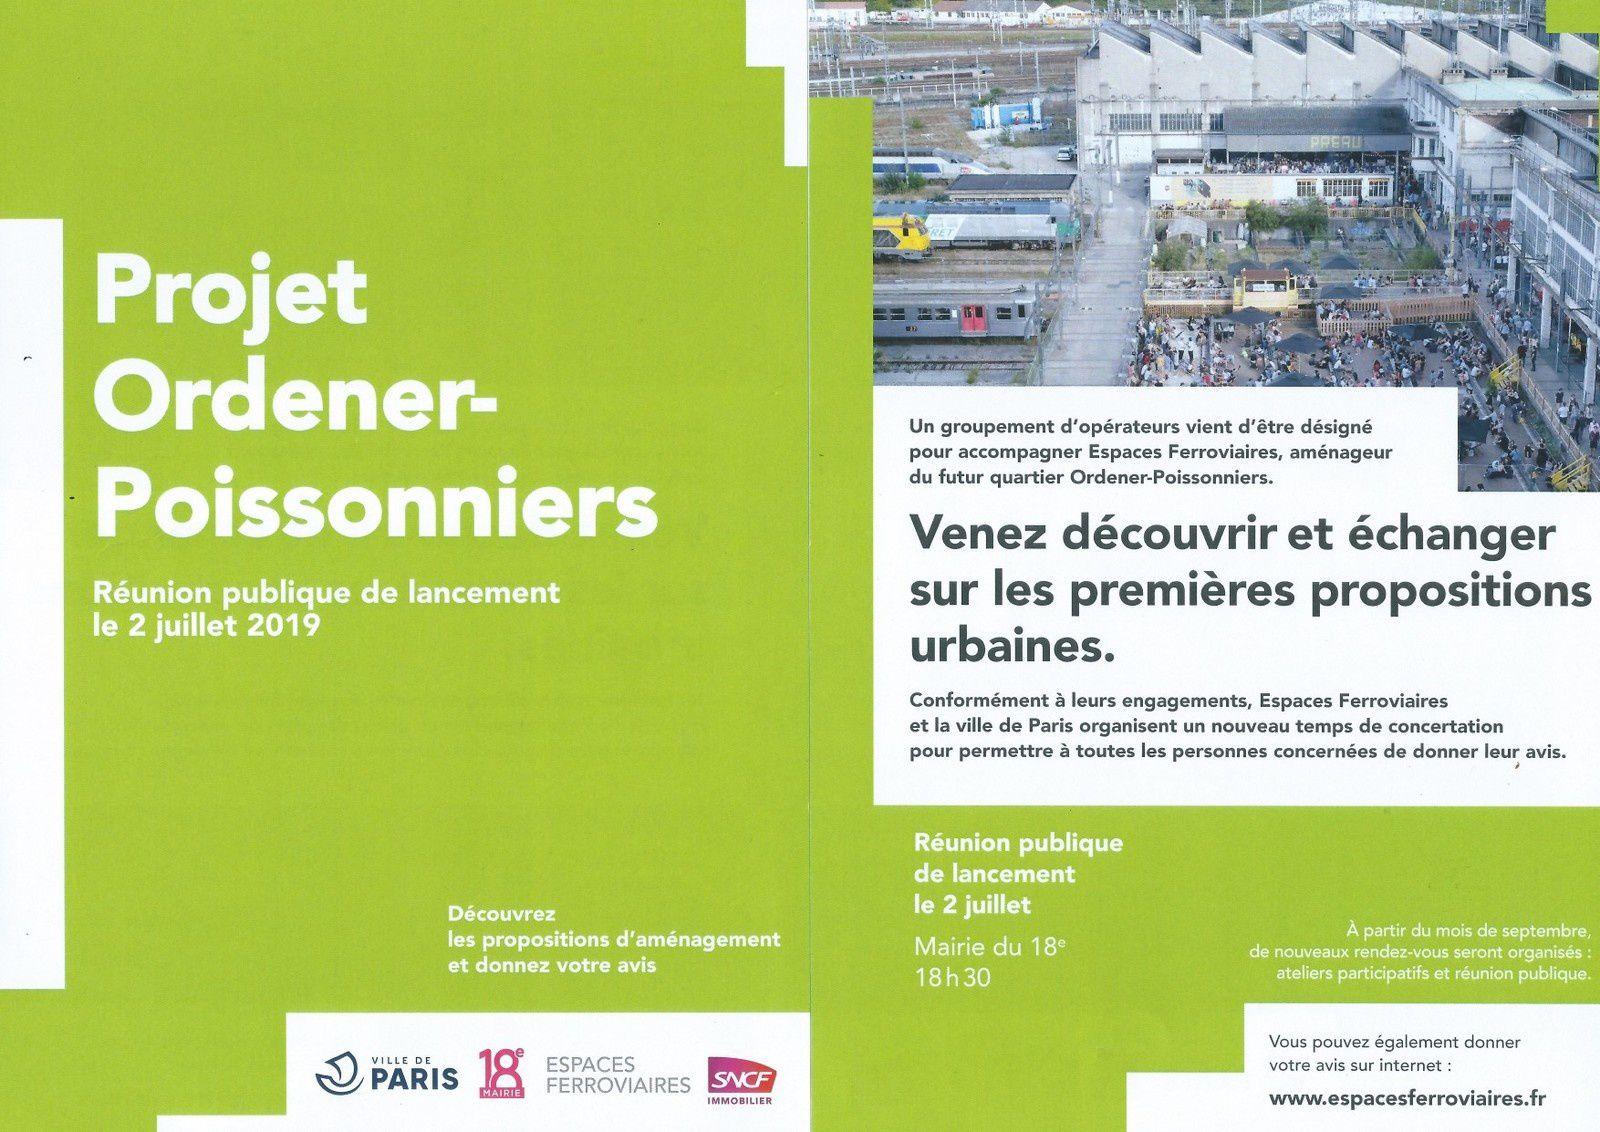 Ordener-Poissonniers : flyer réunion publique de lancement de la concertation du 2 juillet 2019